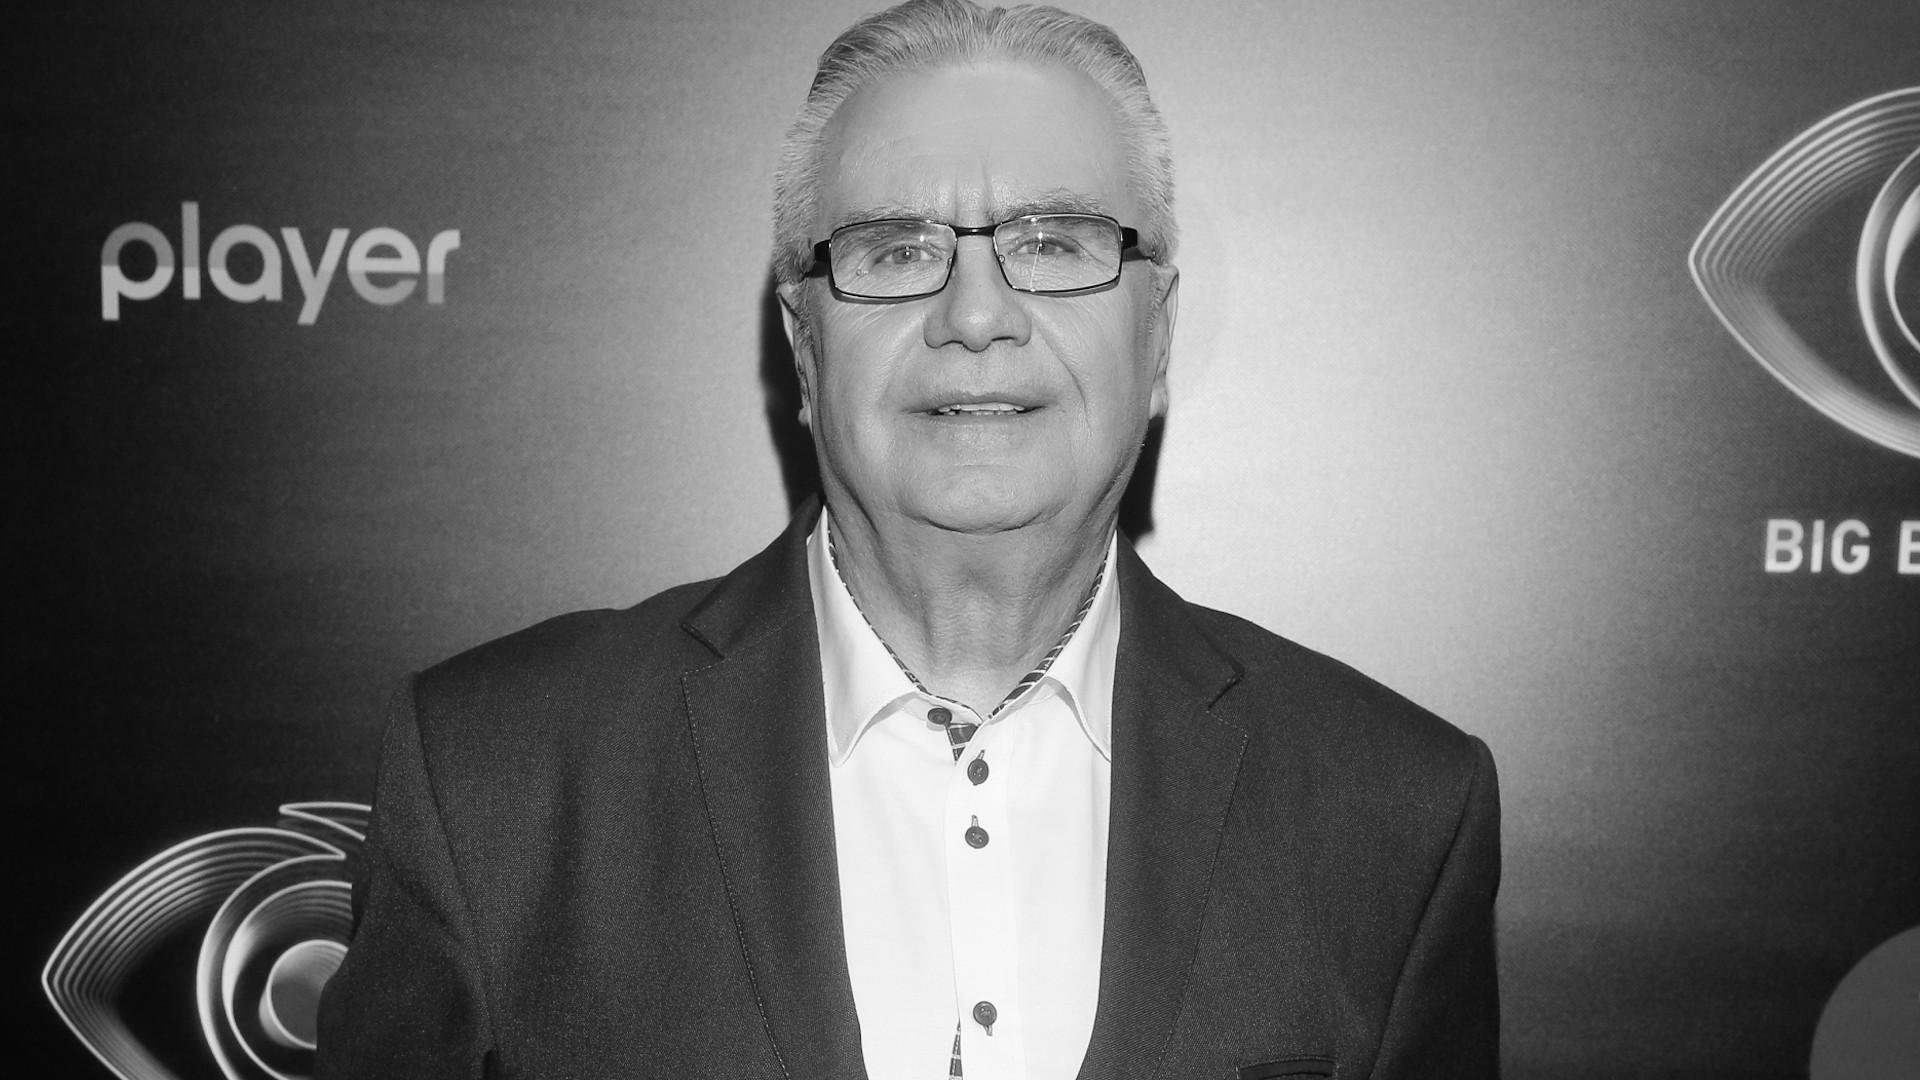 Koniec śledztwa w sprawie śmierci Janusza Dzięcioła. Prokuratura ustaliła okoliczności wypadku